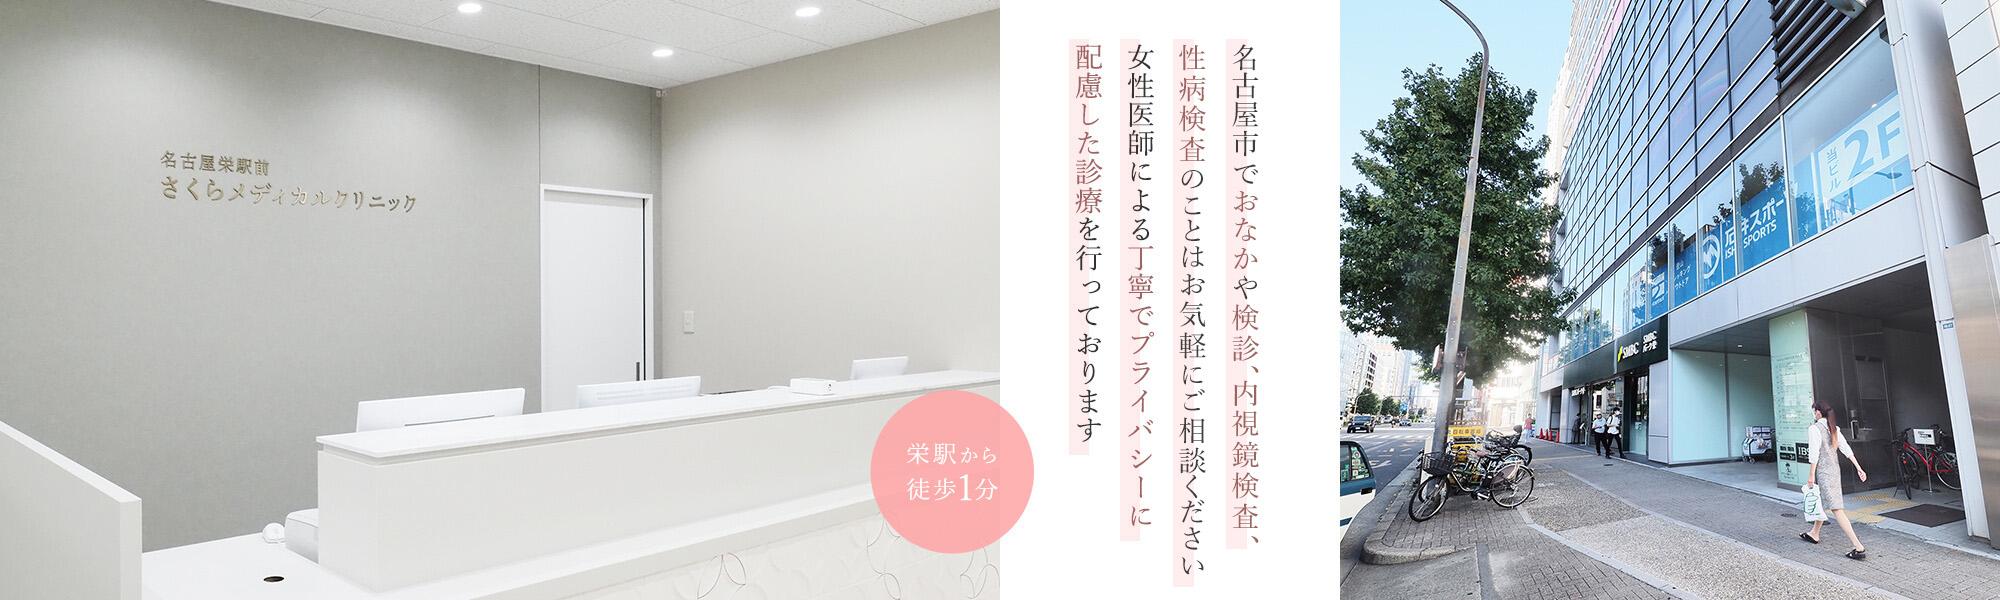 名古屋市でおなかやお尻のトラブルならお気軽にご相談ください女性医師による丁寧でプライバシーに配慮した診療を行っております